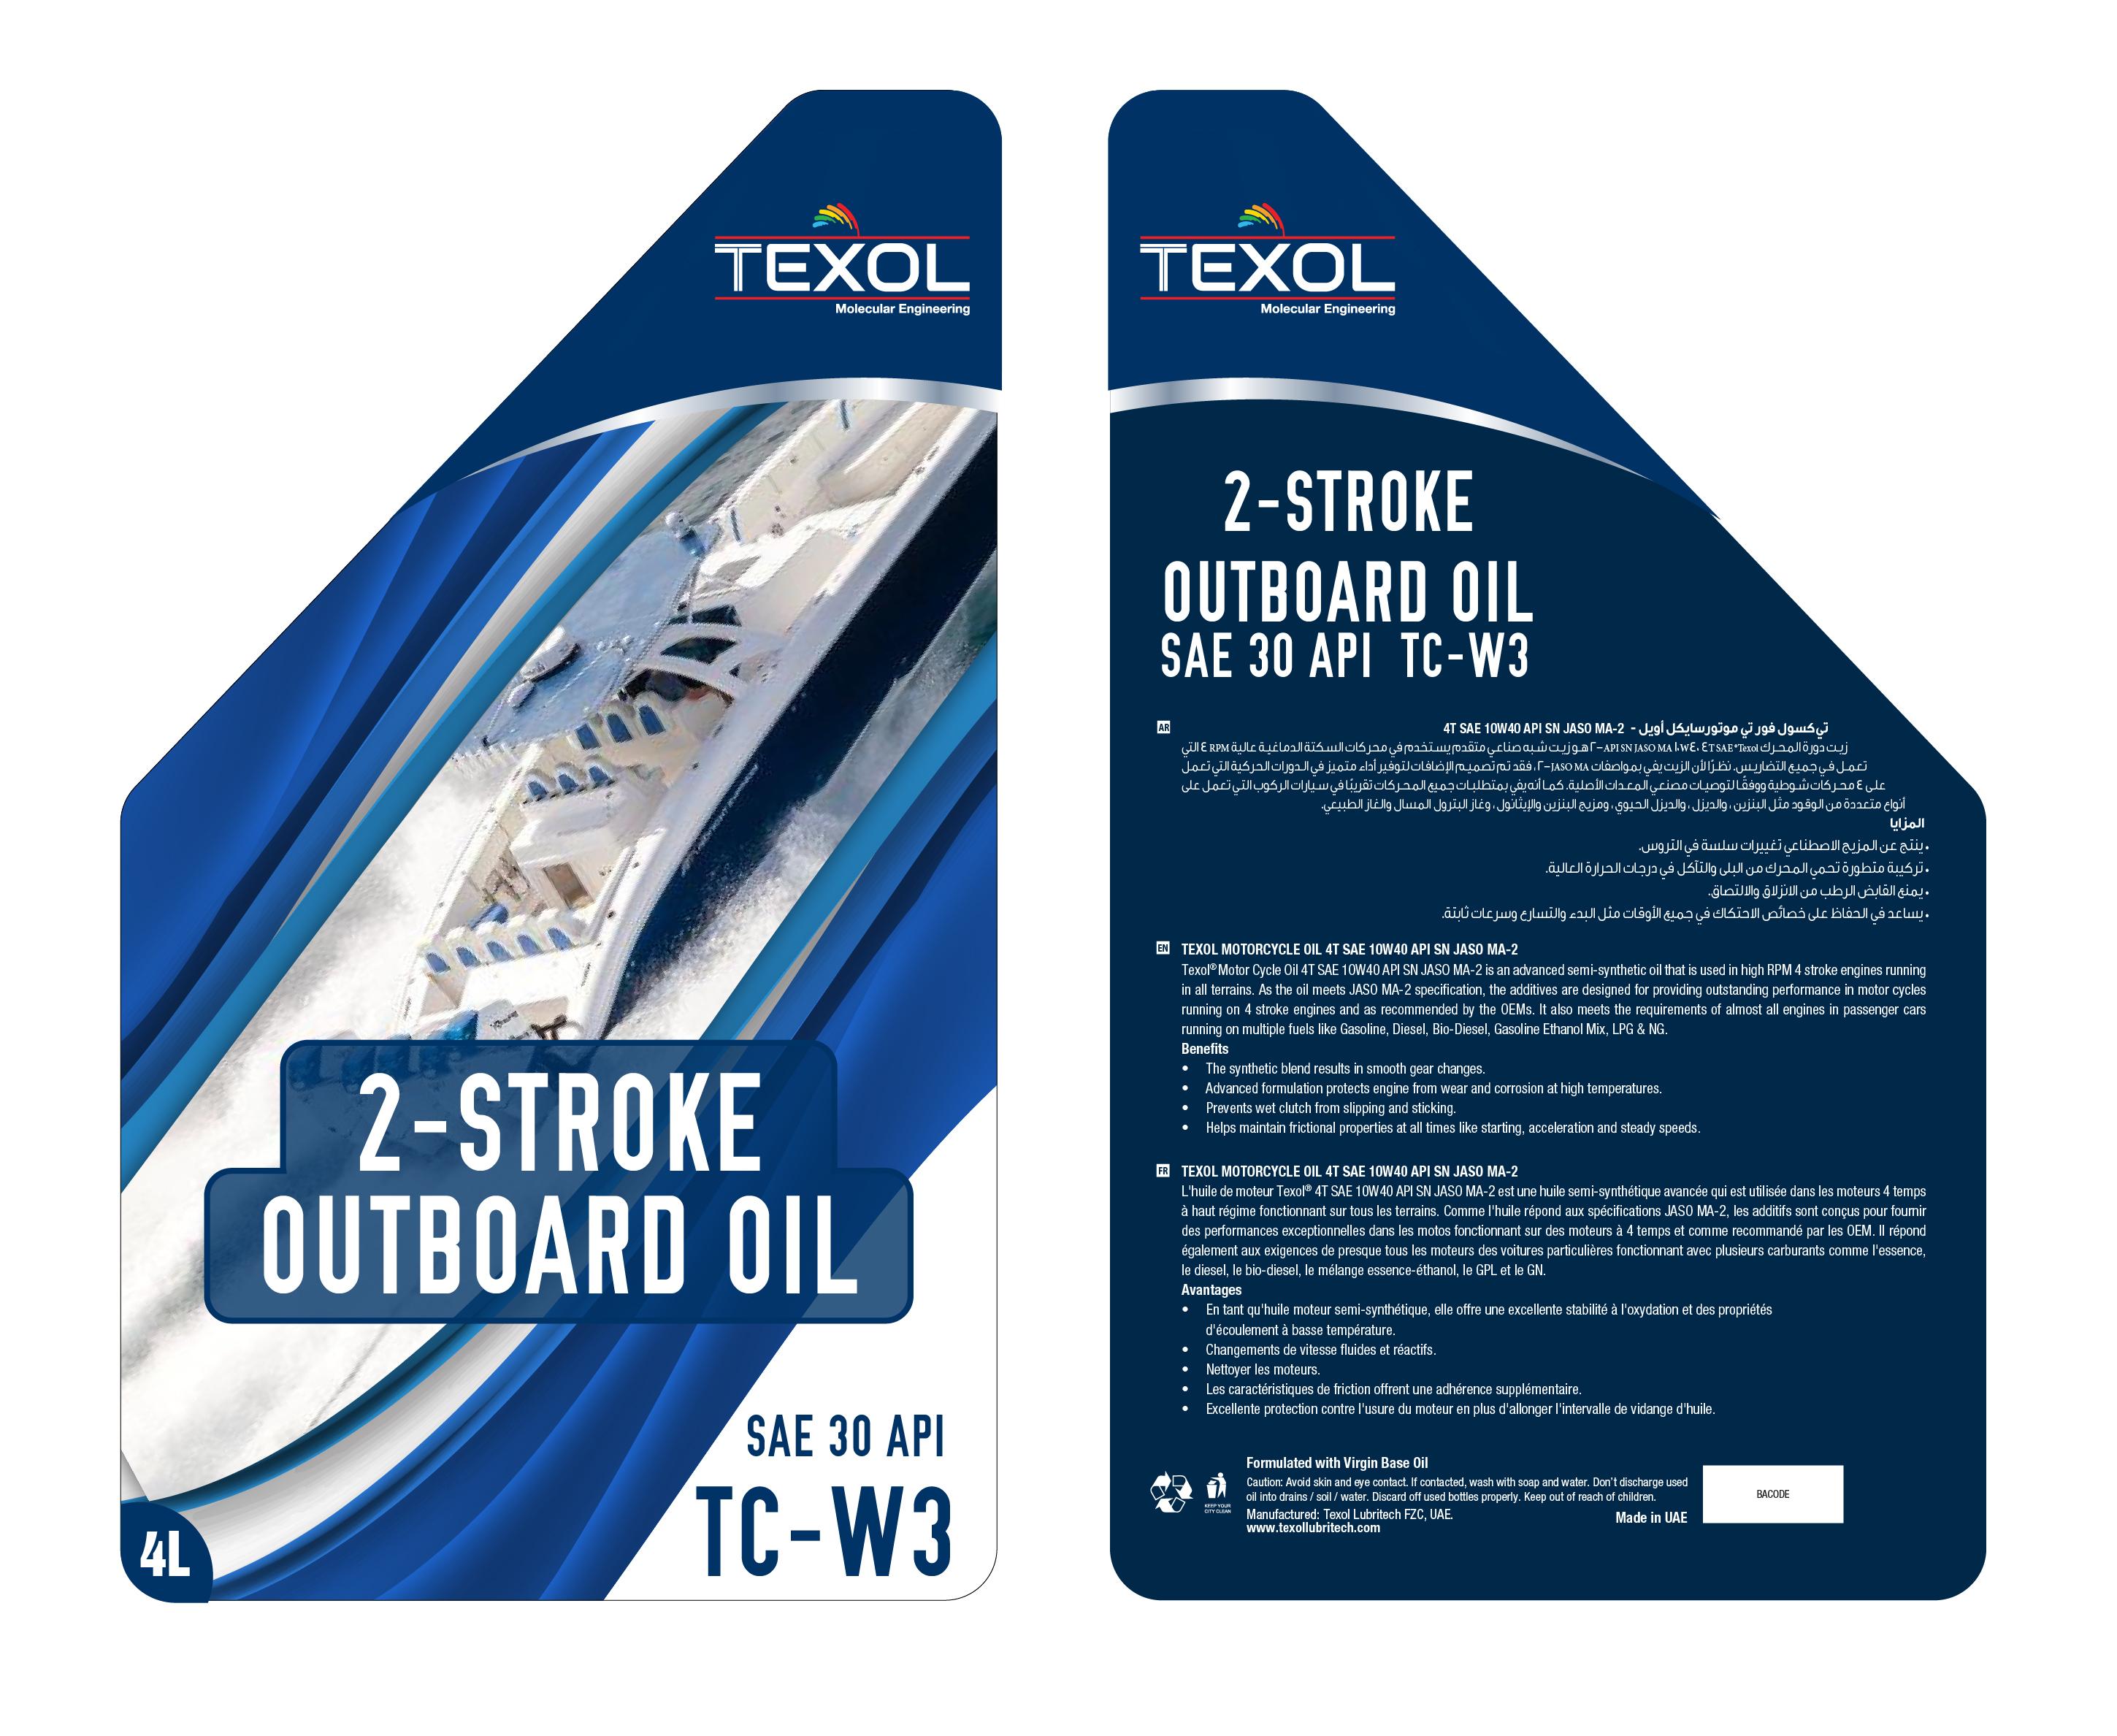 1a. Texol Outboard Oil Sae 30 Api Tc-w3 - 4 Ltr